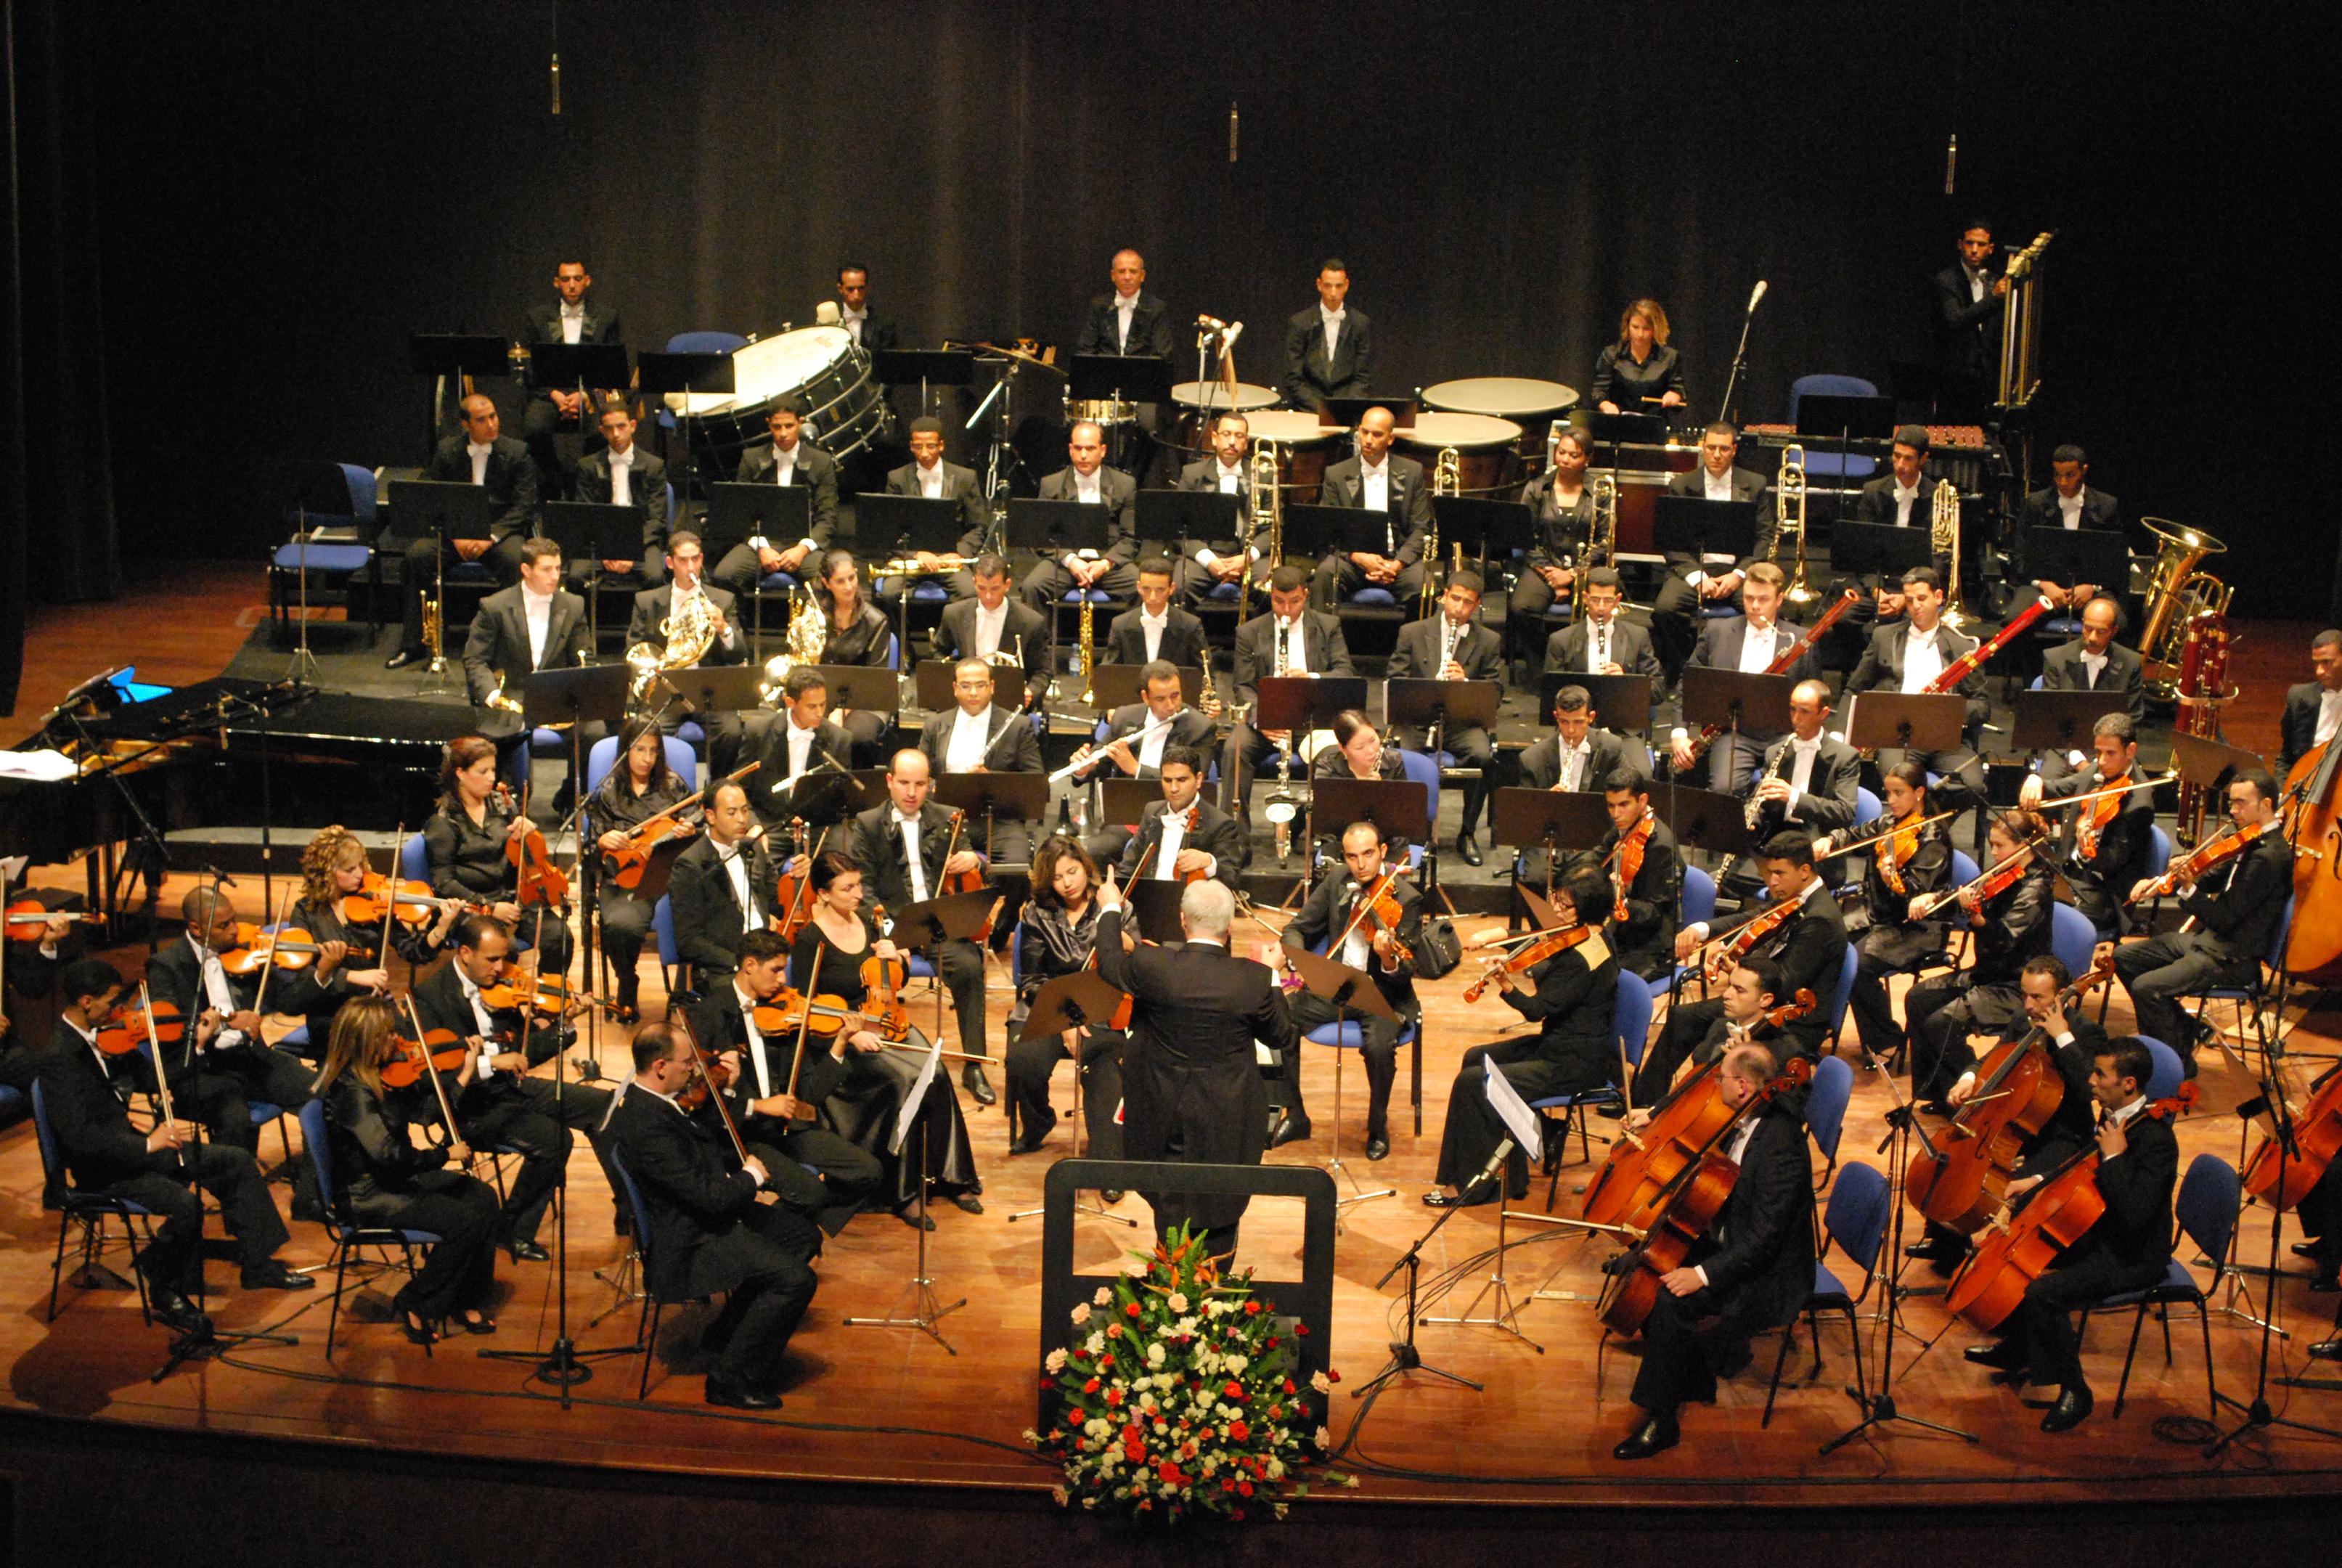 L'Orchestre Symphonique Royal célèbre la fête de la Musique